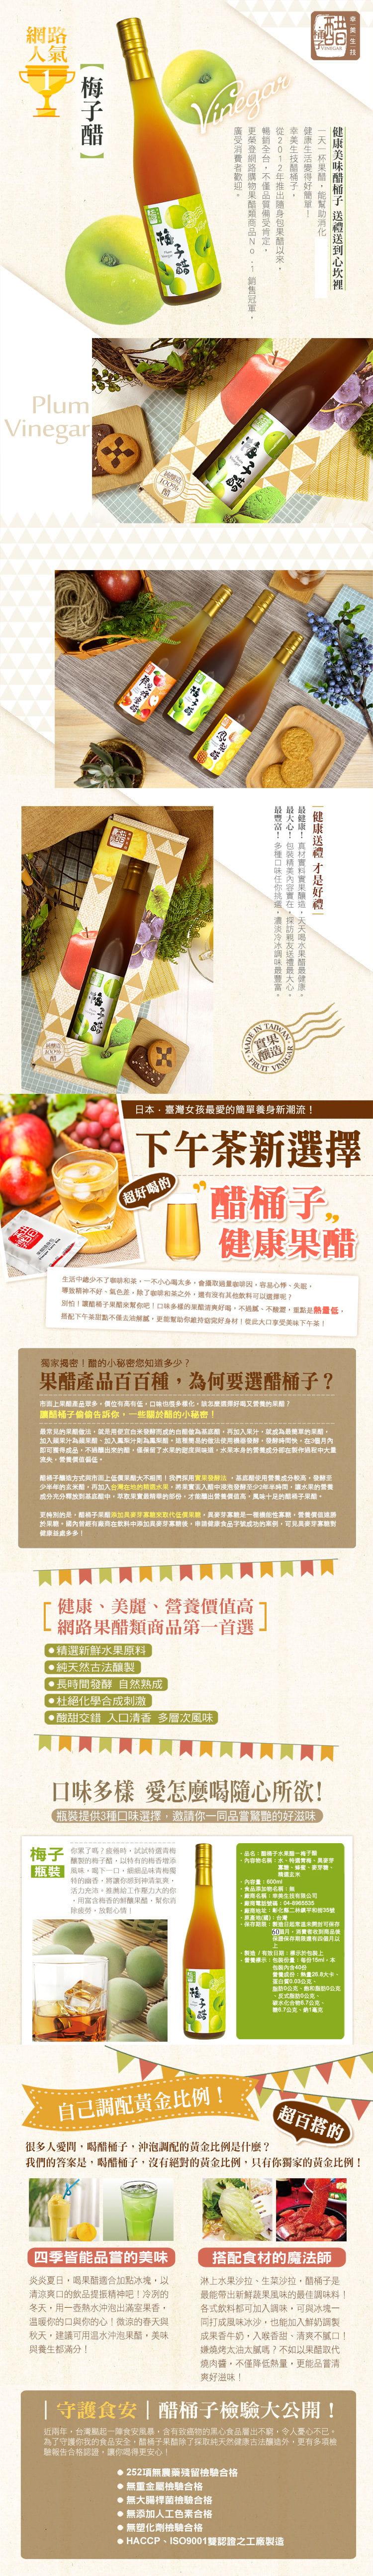 【醋桶子】實果釀造水果醋禮盒 3